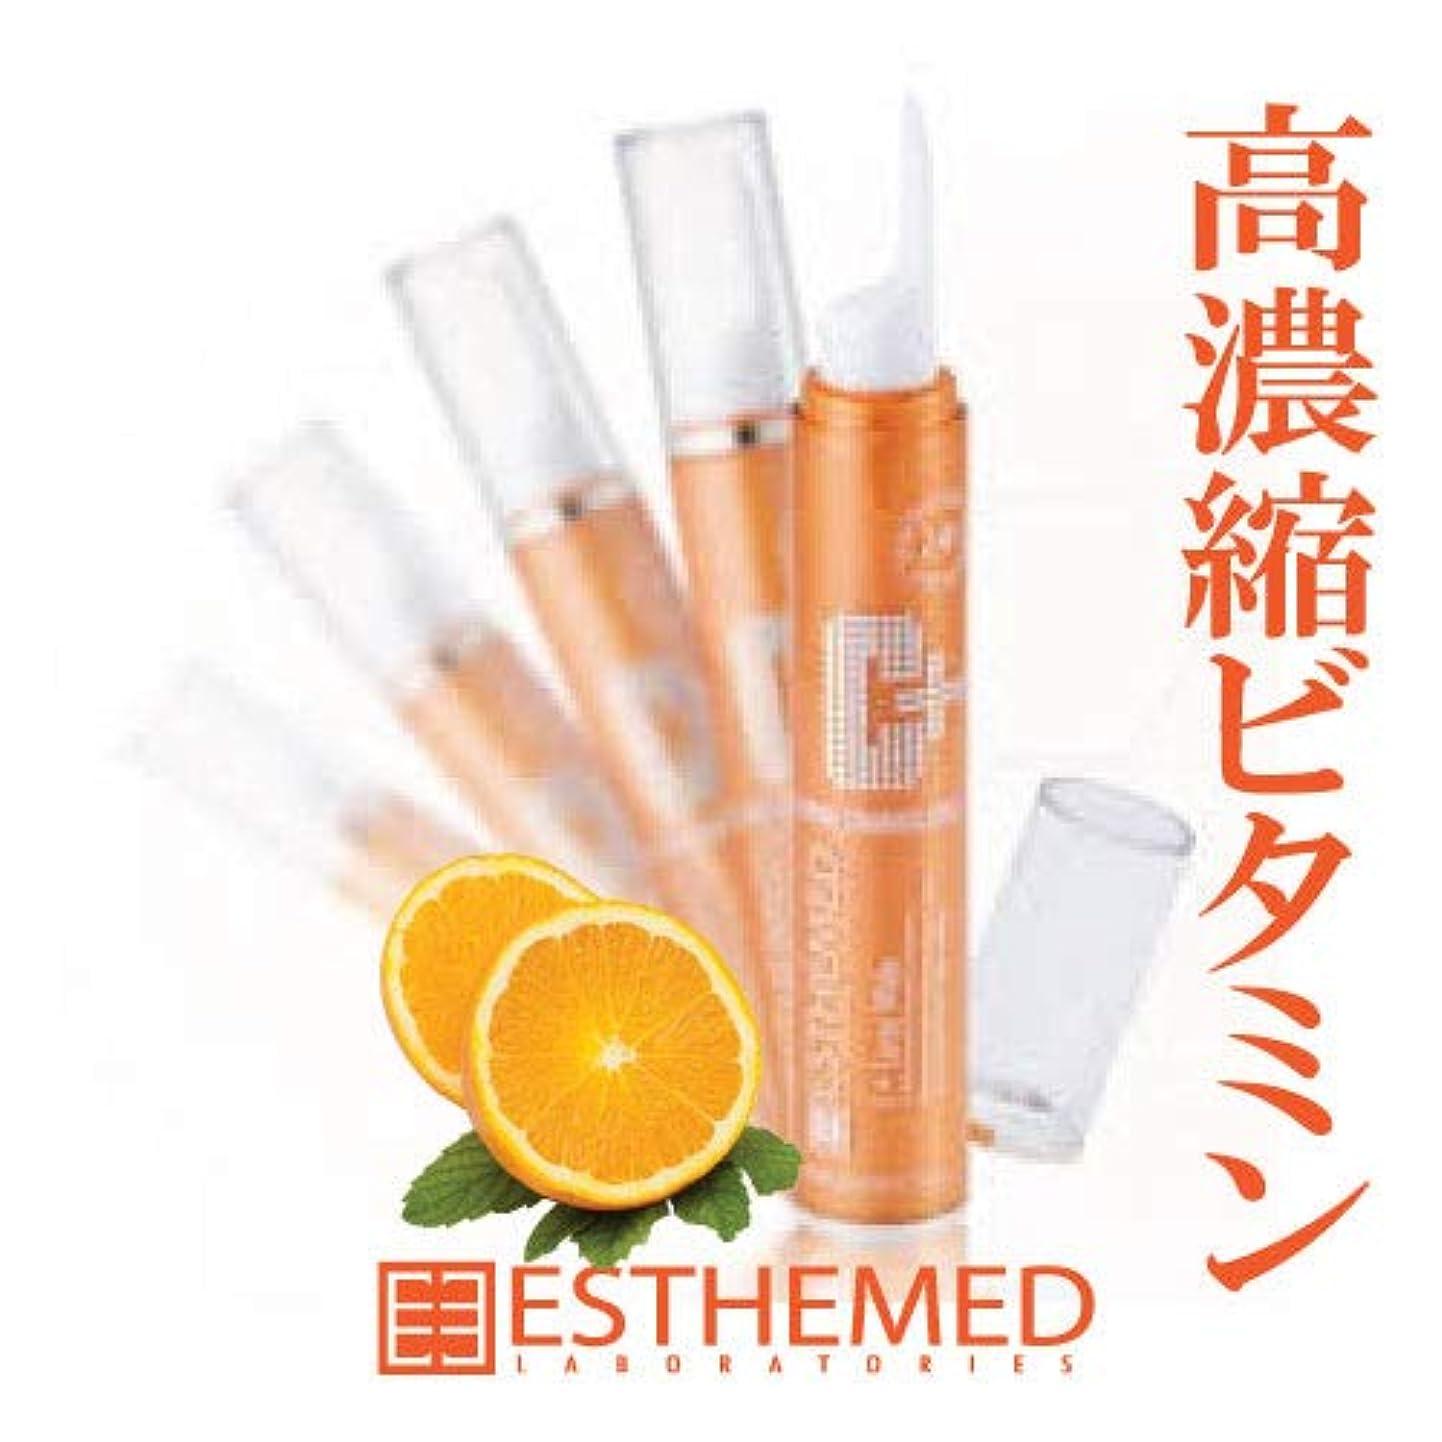 スイング緑シネマ[ESTHEMED][エステメド]純粋なビタミンCの驚くホワイトニングC+レーザーホワイト15ml/ビタミン、Whitening、レーザ